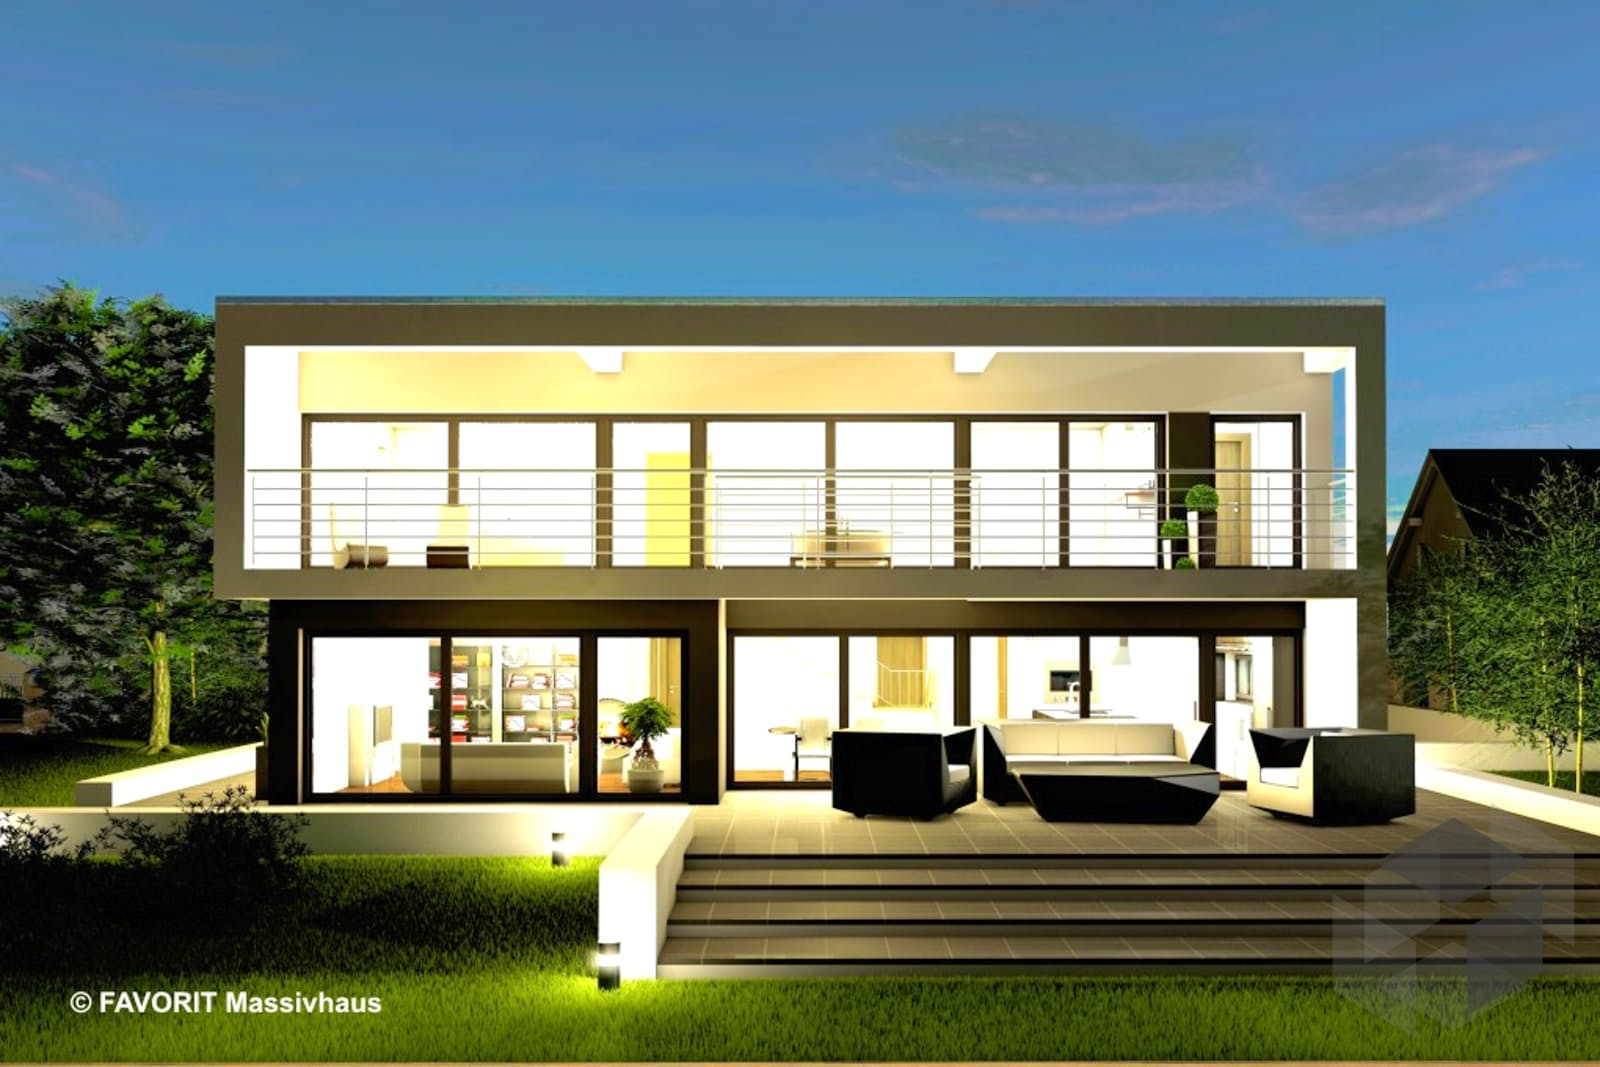 twentyfive 220 von favorit massivhaus komplette daten bersicht. Black Bedroom Furniture Sets. Home Design Ideas